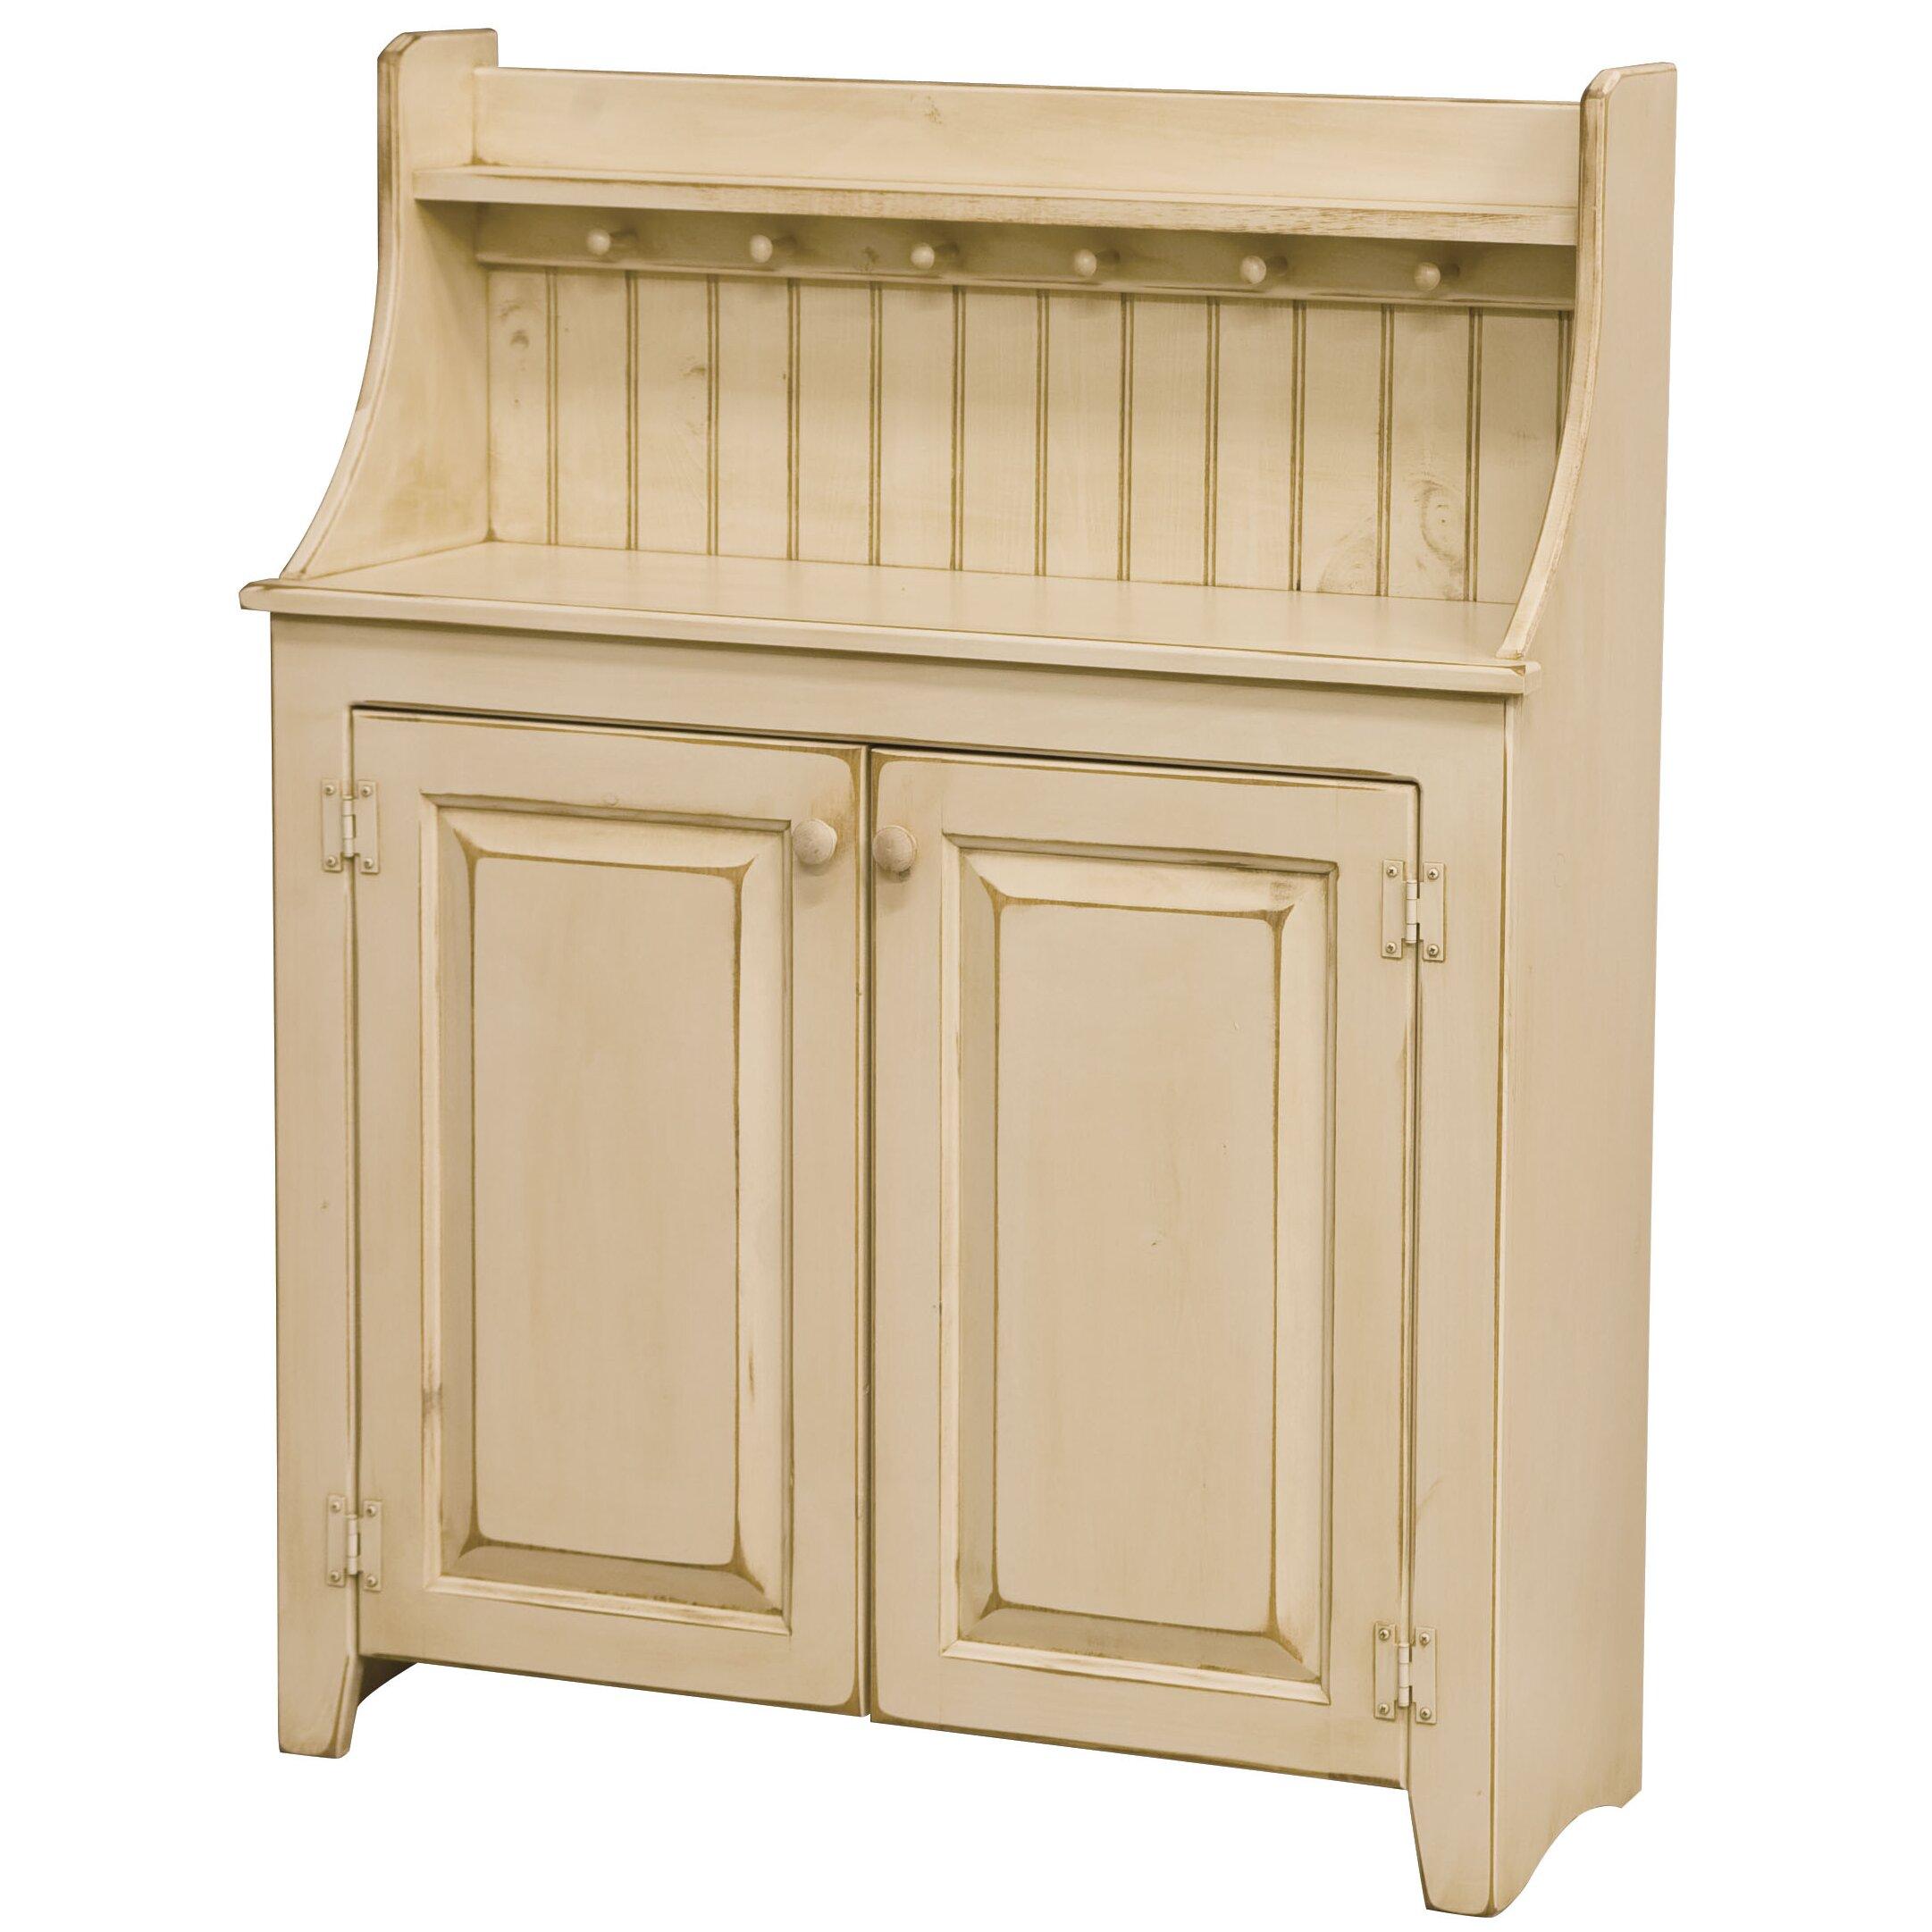 DCOR Design Peppers 2 Door Dry Sink Cabinet Wayfair